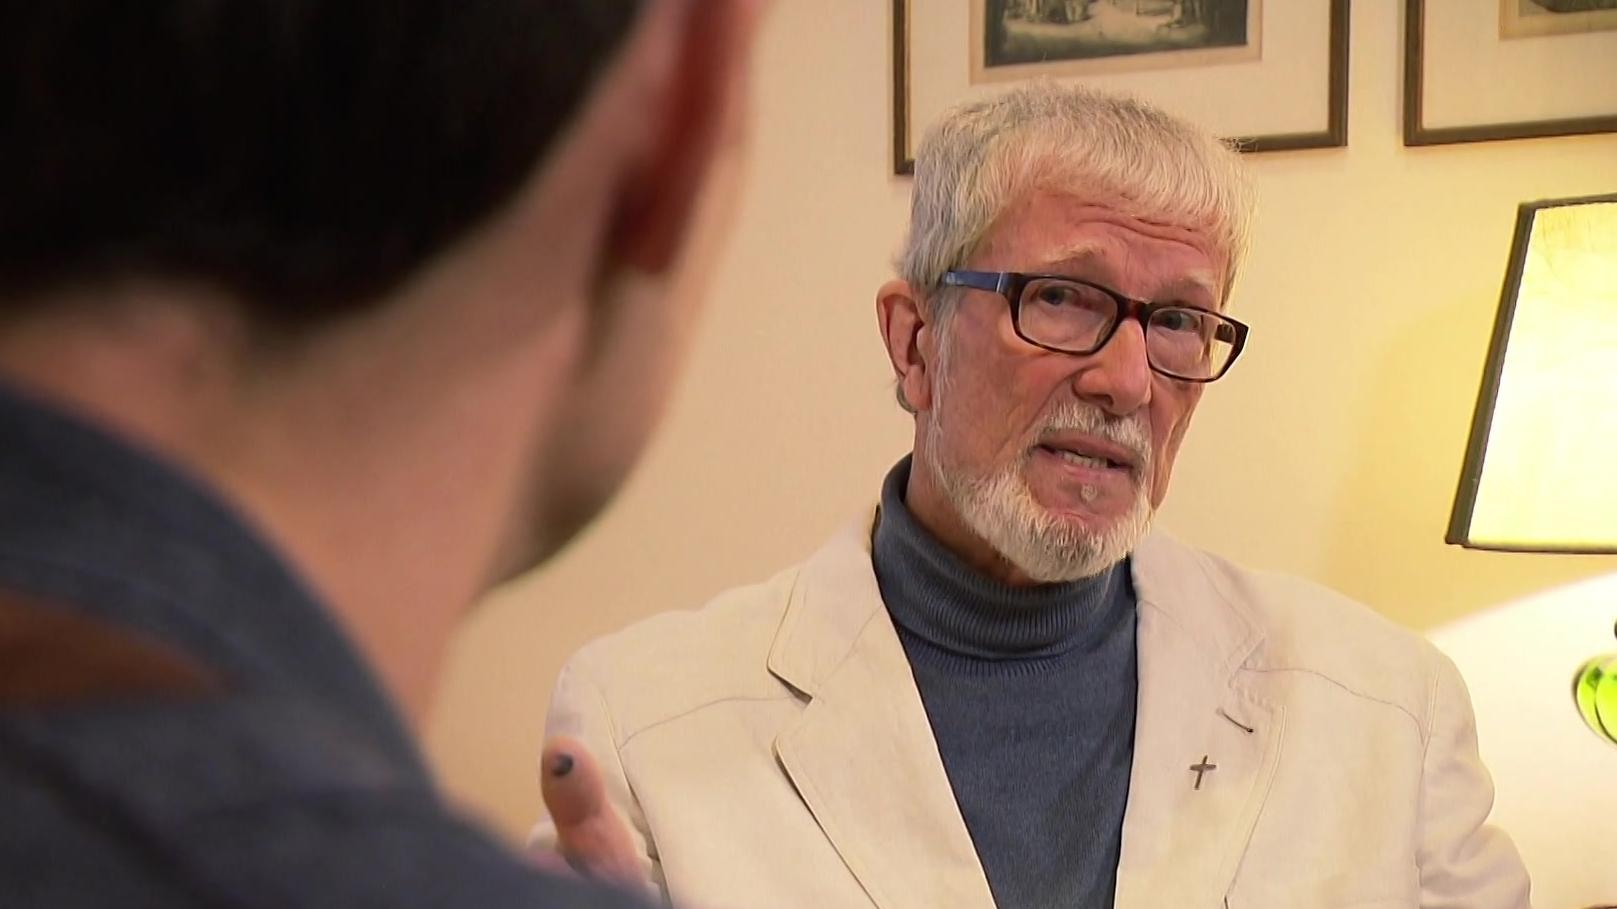 Pater Jürgen Müller im Gespräch mit STATIONEN-Moderator Benedikt Schregle.